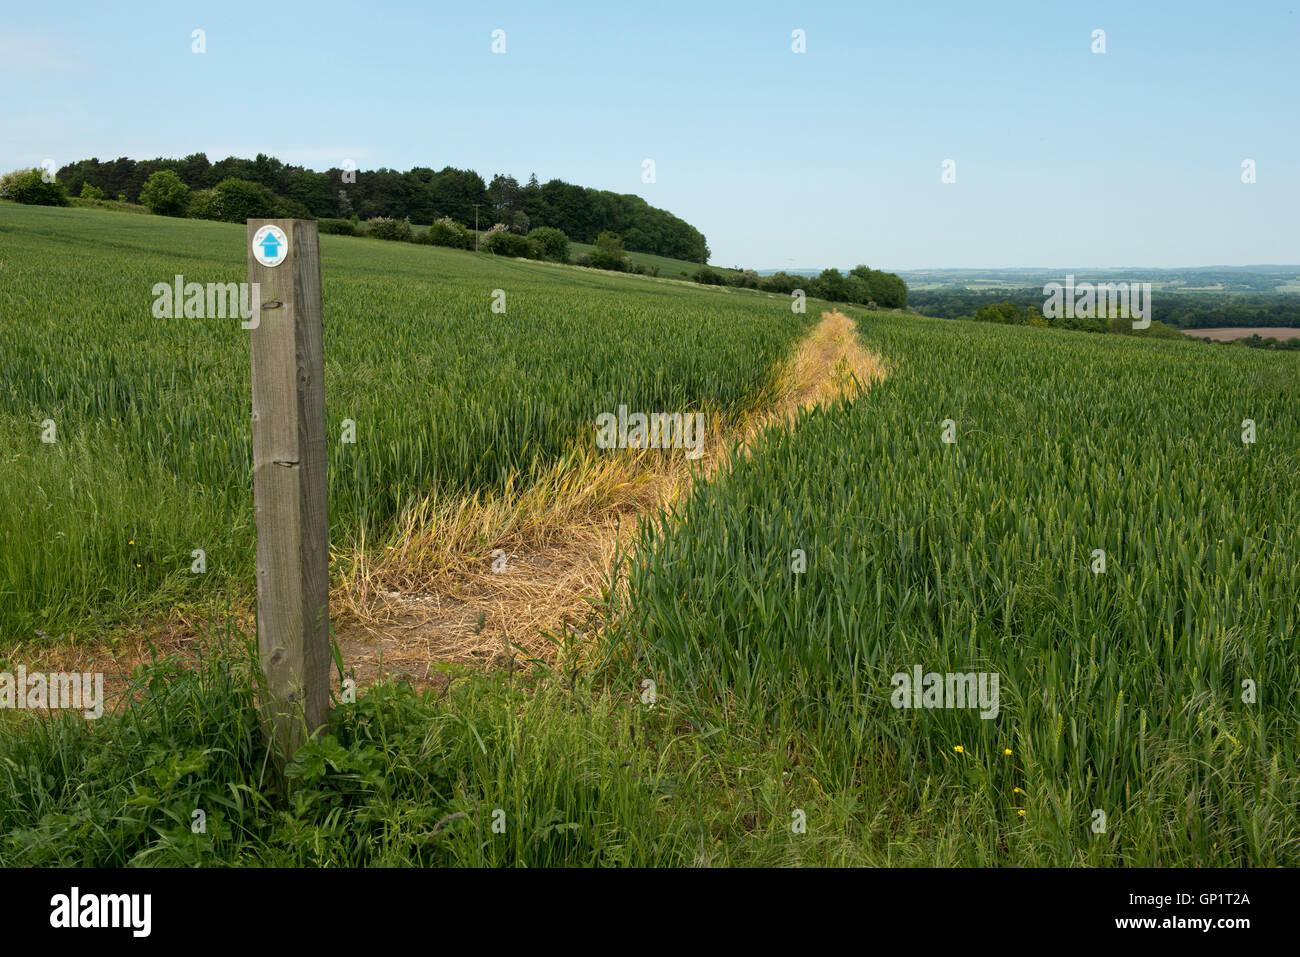 Wanderweg-Zeichen und Weg durch Phasen von Feldinhalten Winterweizen auf den Norden Wessex Downs im Juni Stockfoto